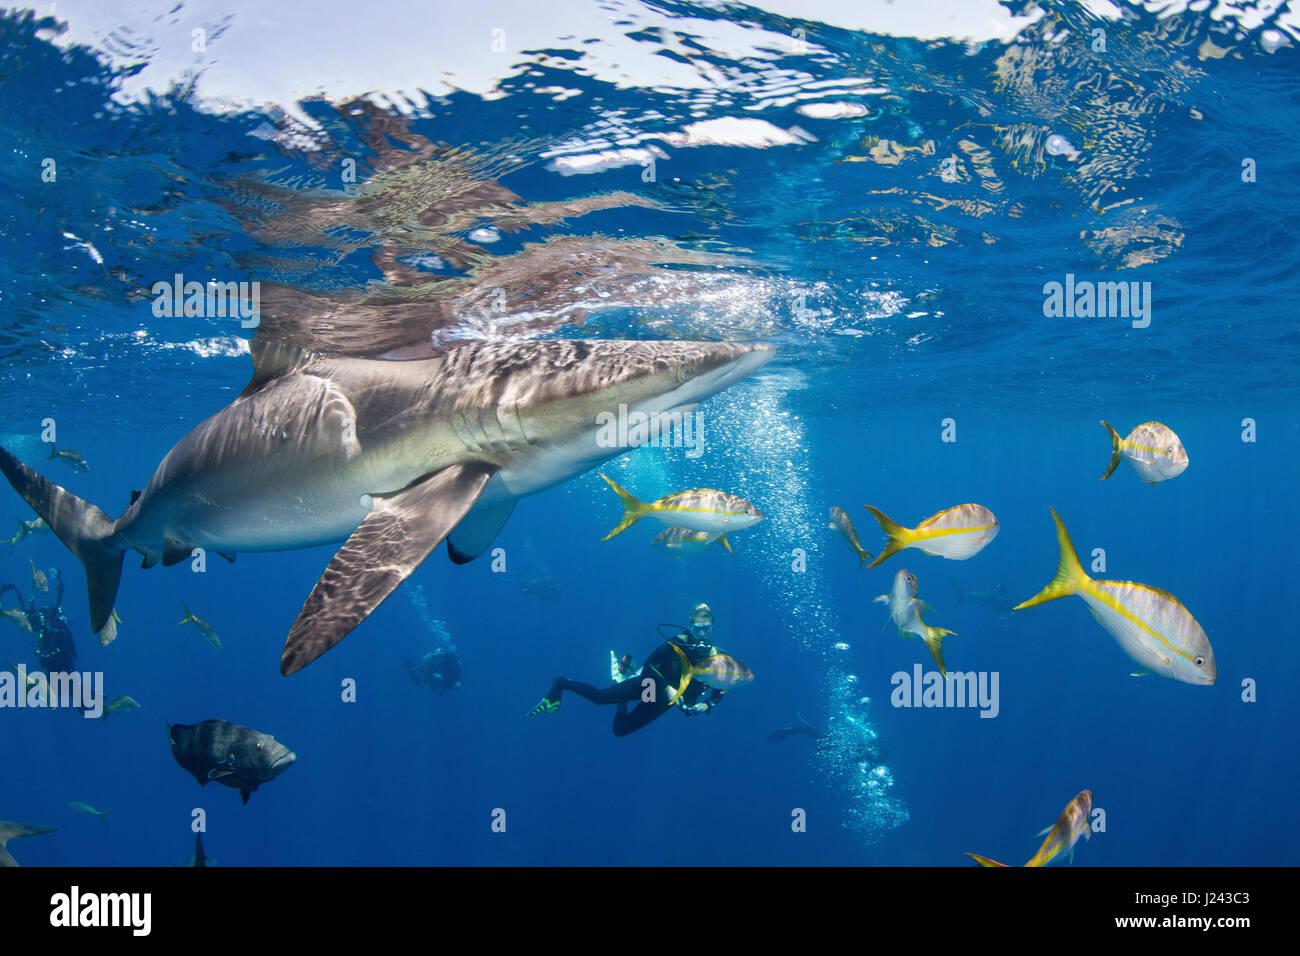 Fotógrafo submarino con tiburón sedoso. Foto de stock